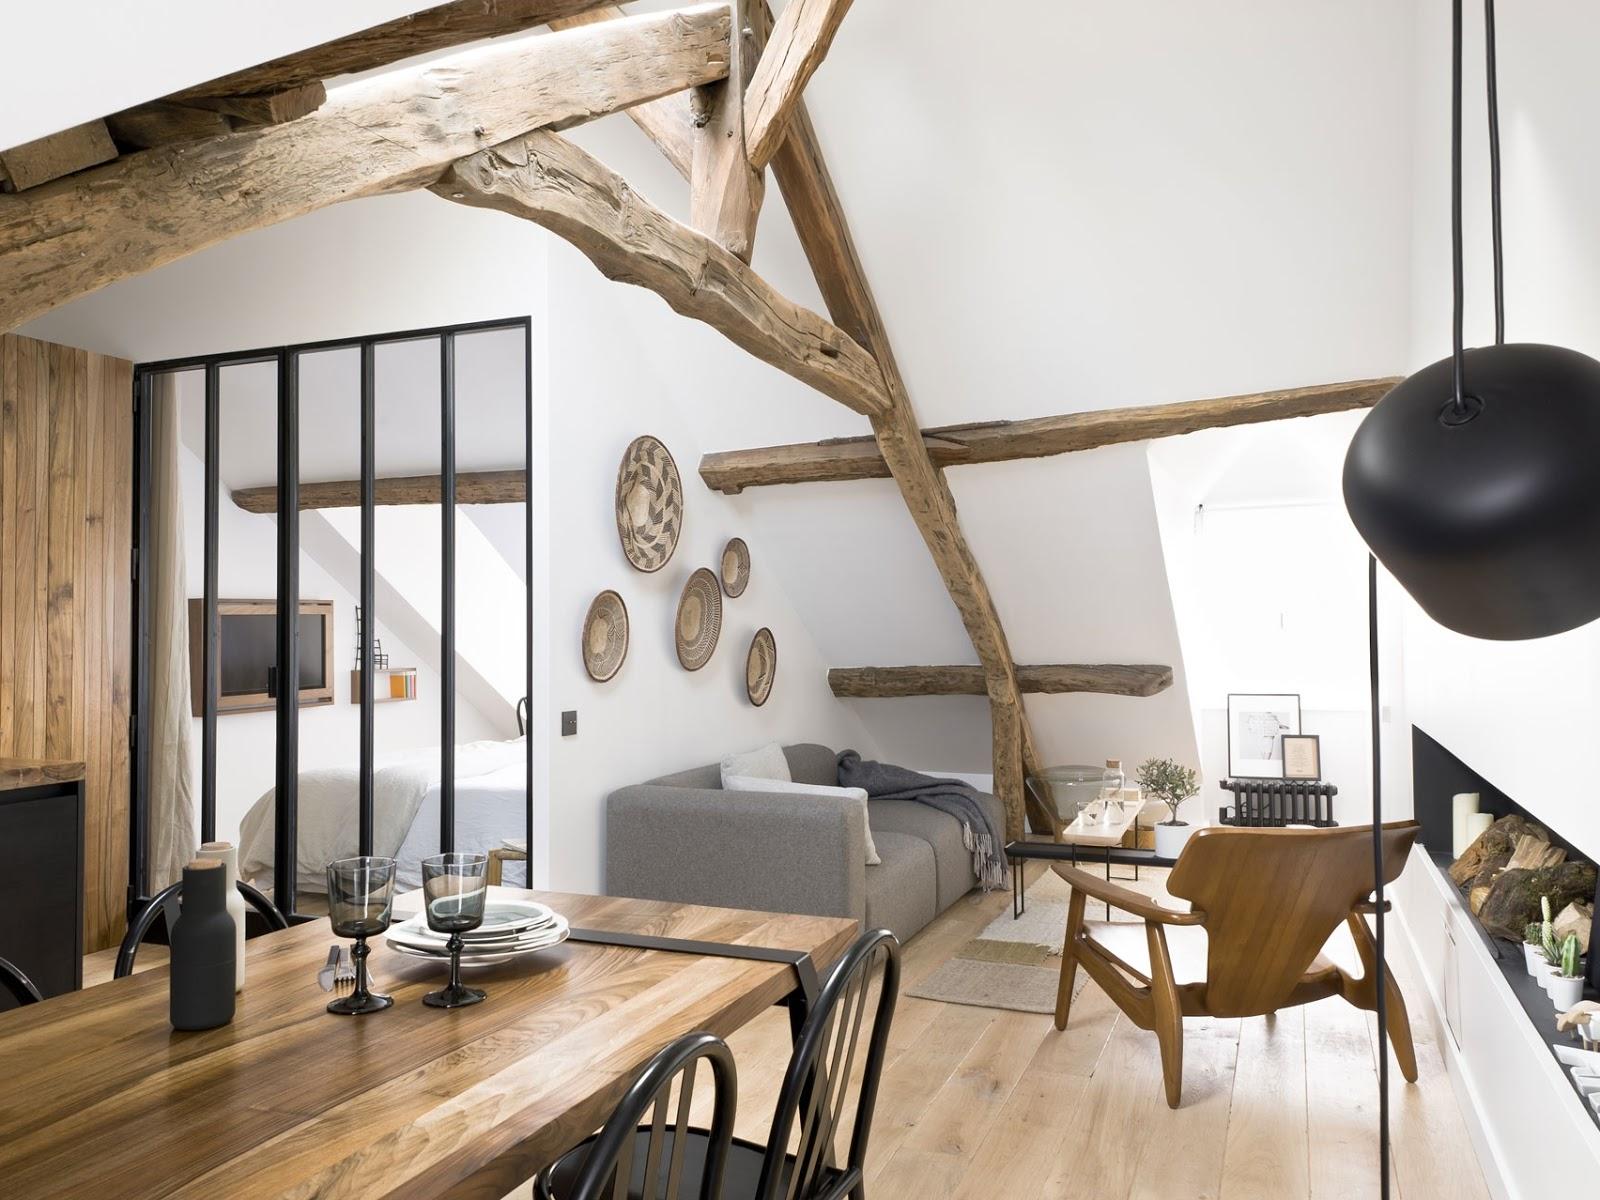 Rustic, modern și scandinav într-o mansardă de 40 m² din Paris